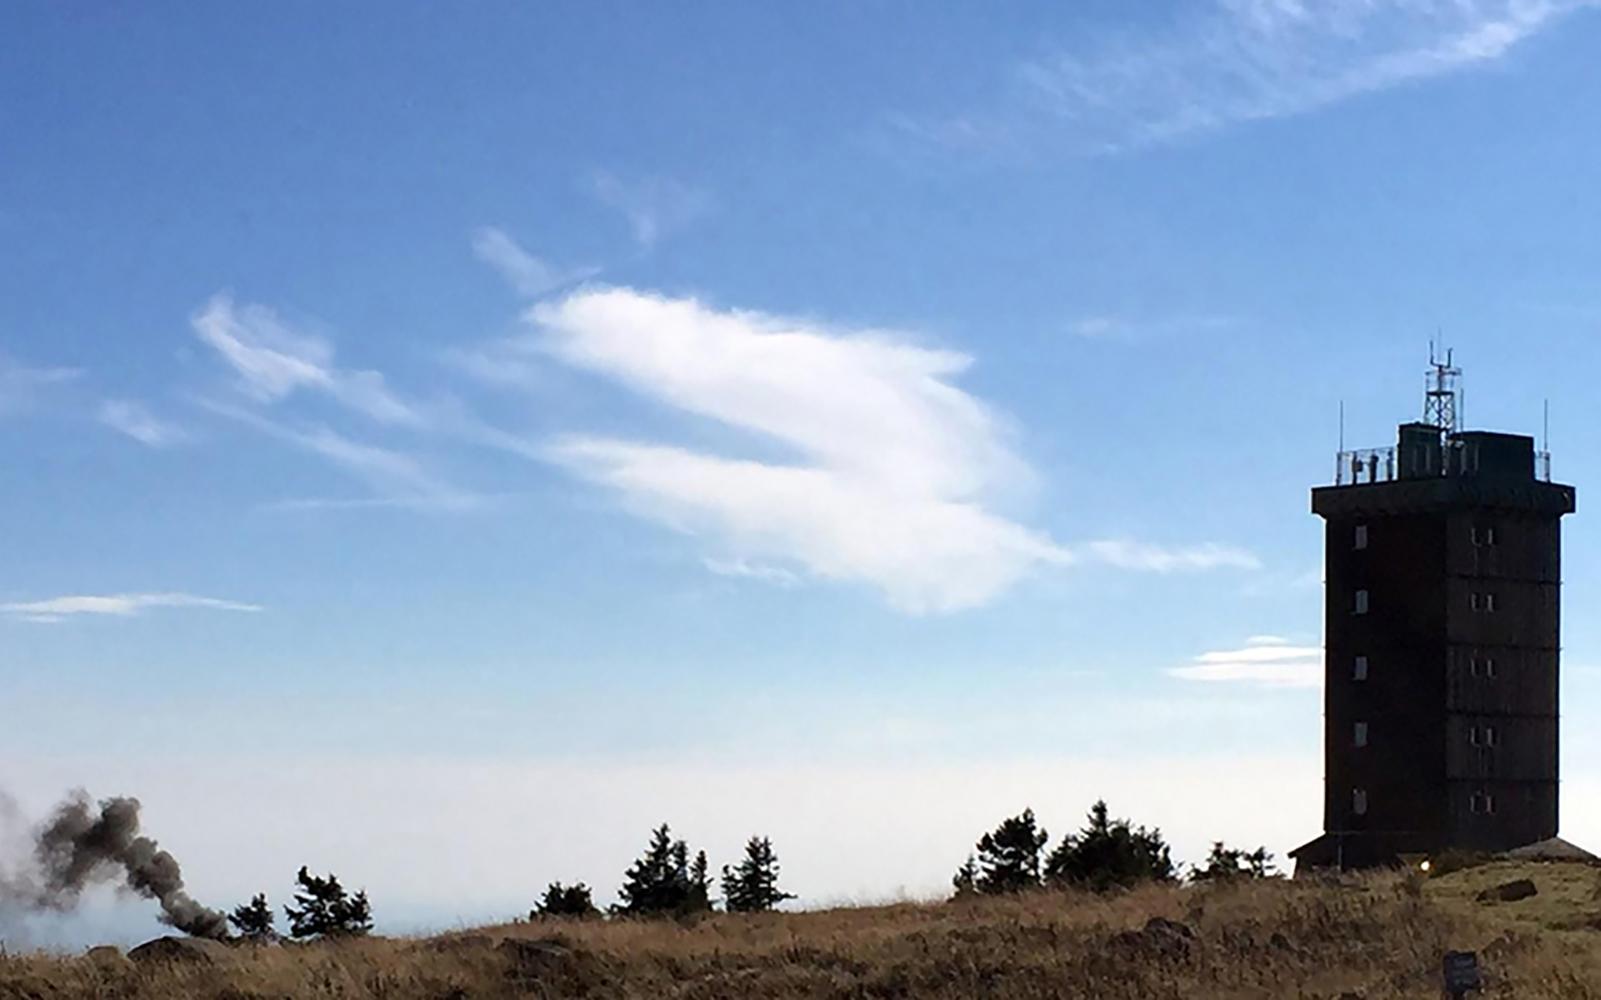 Foto: Die Brockenbahn kündigt sich an ... schnaufend, kurz vor dem Gipfel von Norddeutschlands höchstem Berg, dem über 1100 Meter hohen Brocken im Harz. Im Herbst 2015 fotografiert von railmen-Lokführer Christian Wodzinski; und im railmen-Kalender 2016 das Motiv des Monats Januar.